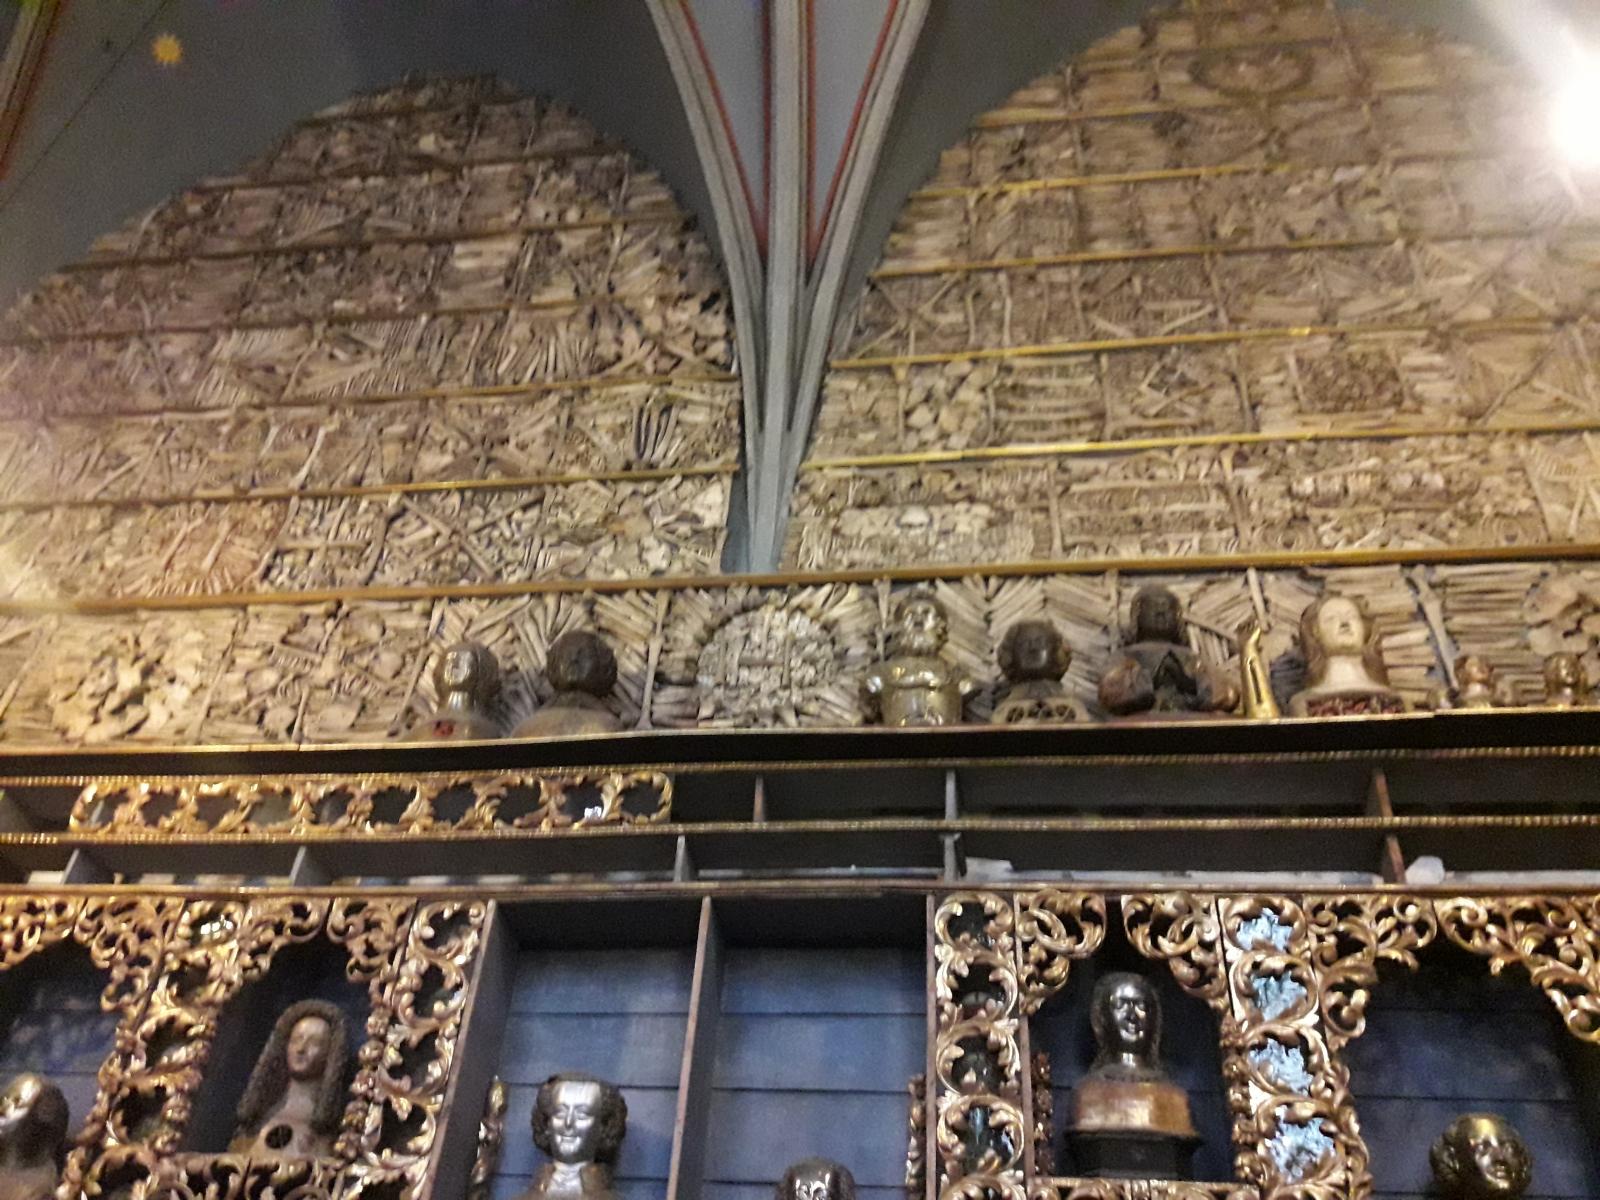 Mosaike aus menschlichen Knochen in der Goldenen Kammer, St. Ursula, Bild: Christian Beckers